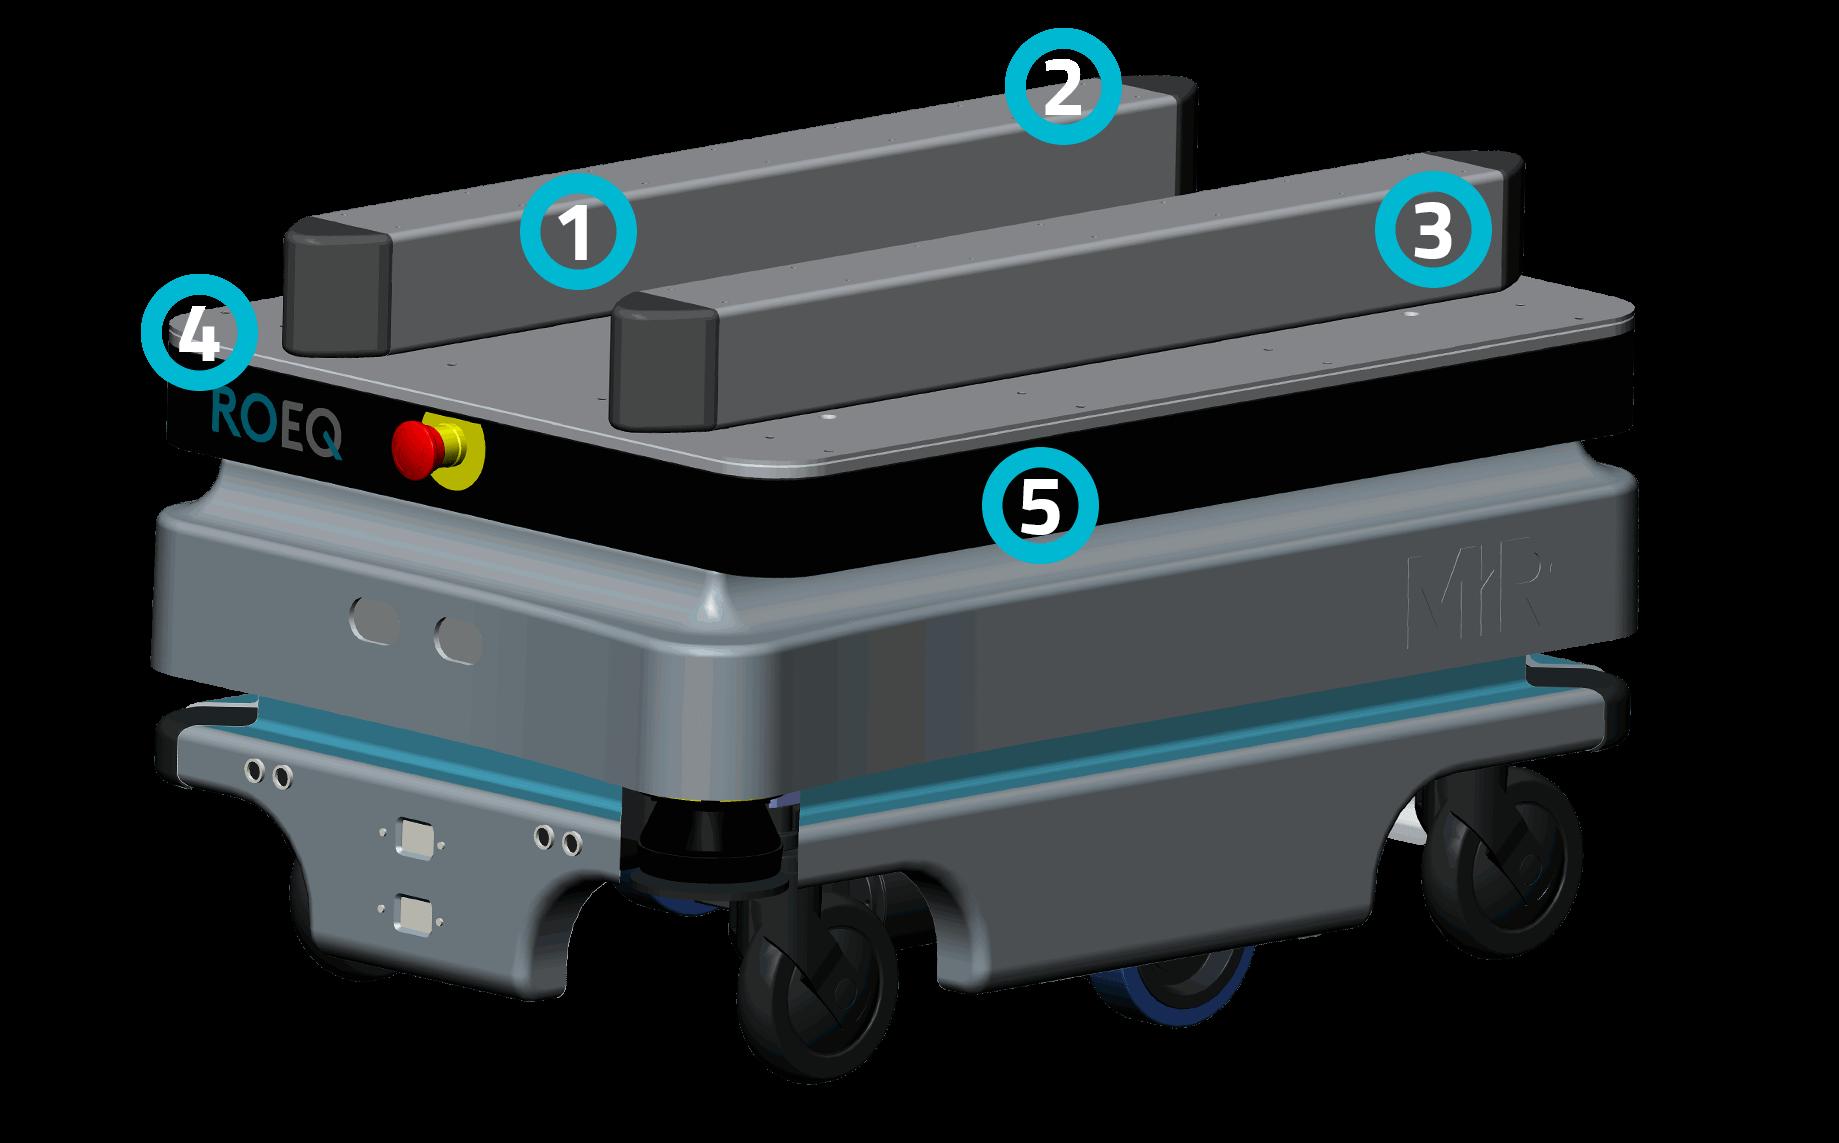 TML150 Lifter for MiR Robots MiR100 and MiR200